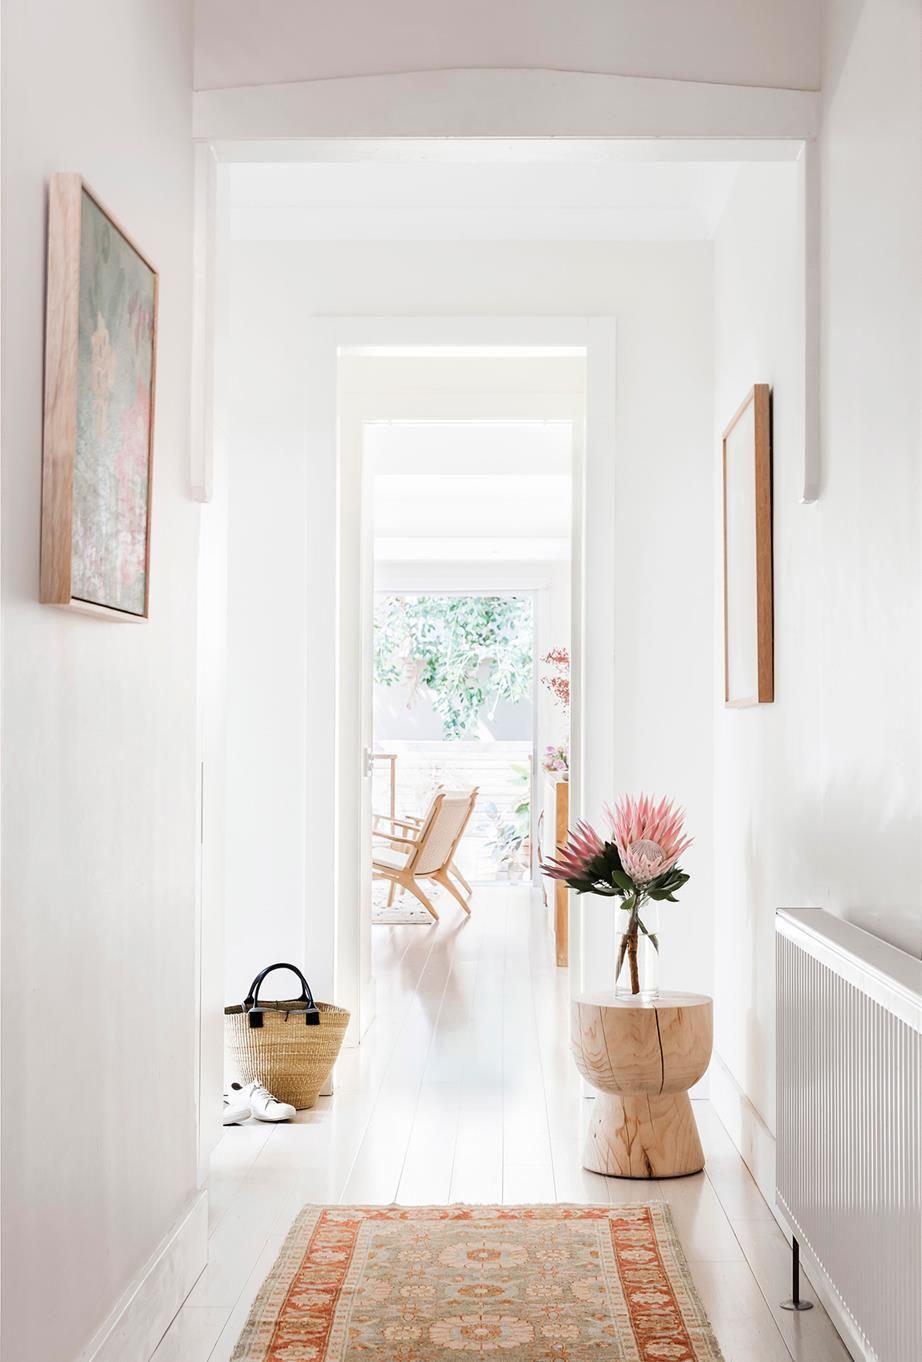 Home Studio Design Consultation